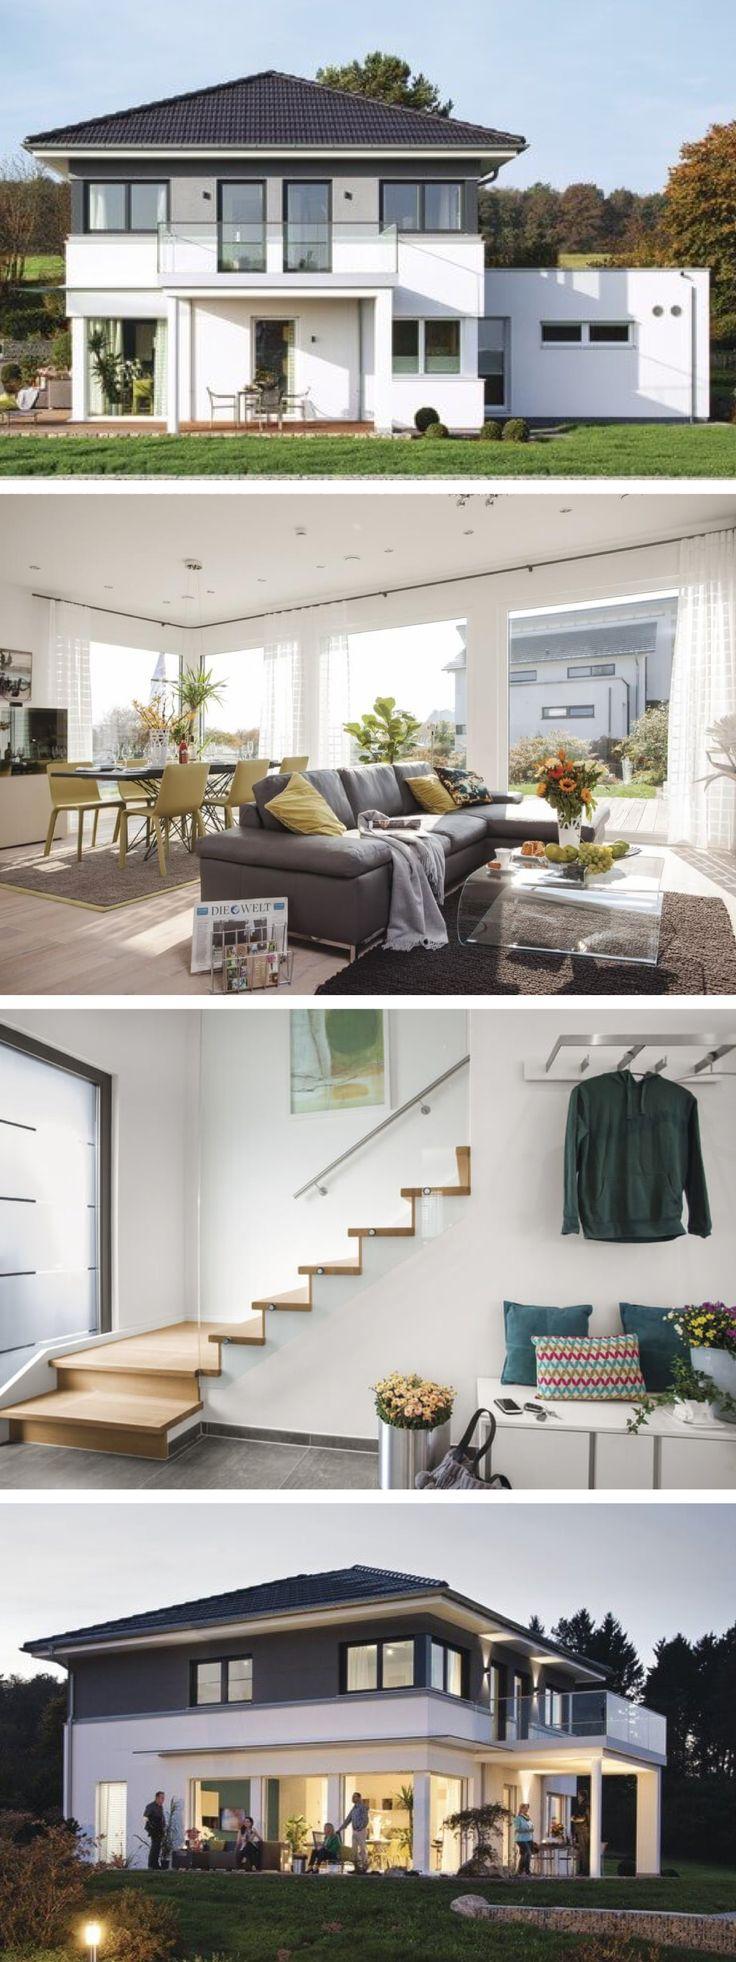 Stadtvilla modern mit Walmdach Architektur und Flachdach Anbau – Haus Ideen City Life 700 WeberHaus Fertighaus – HausbauDirekt.de